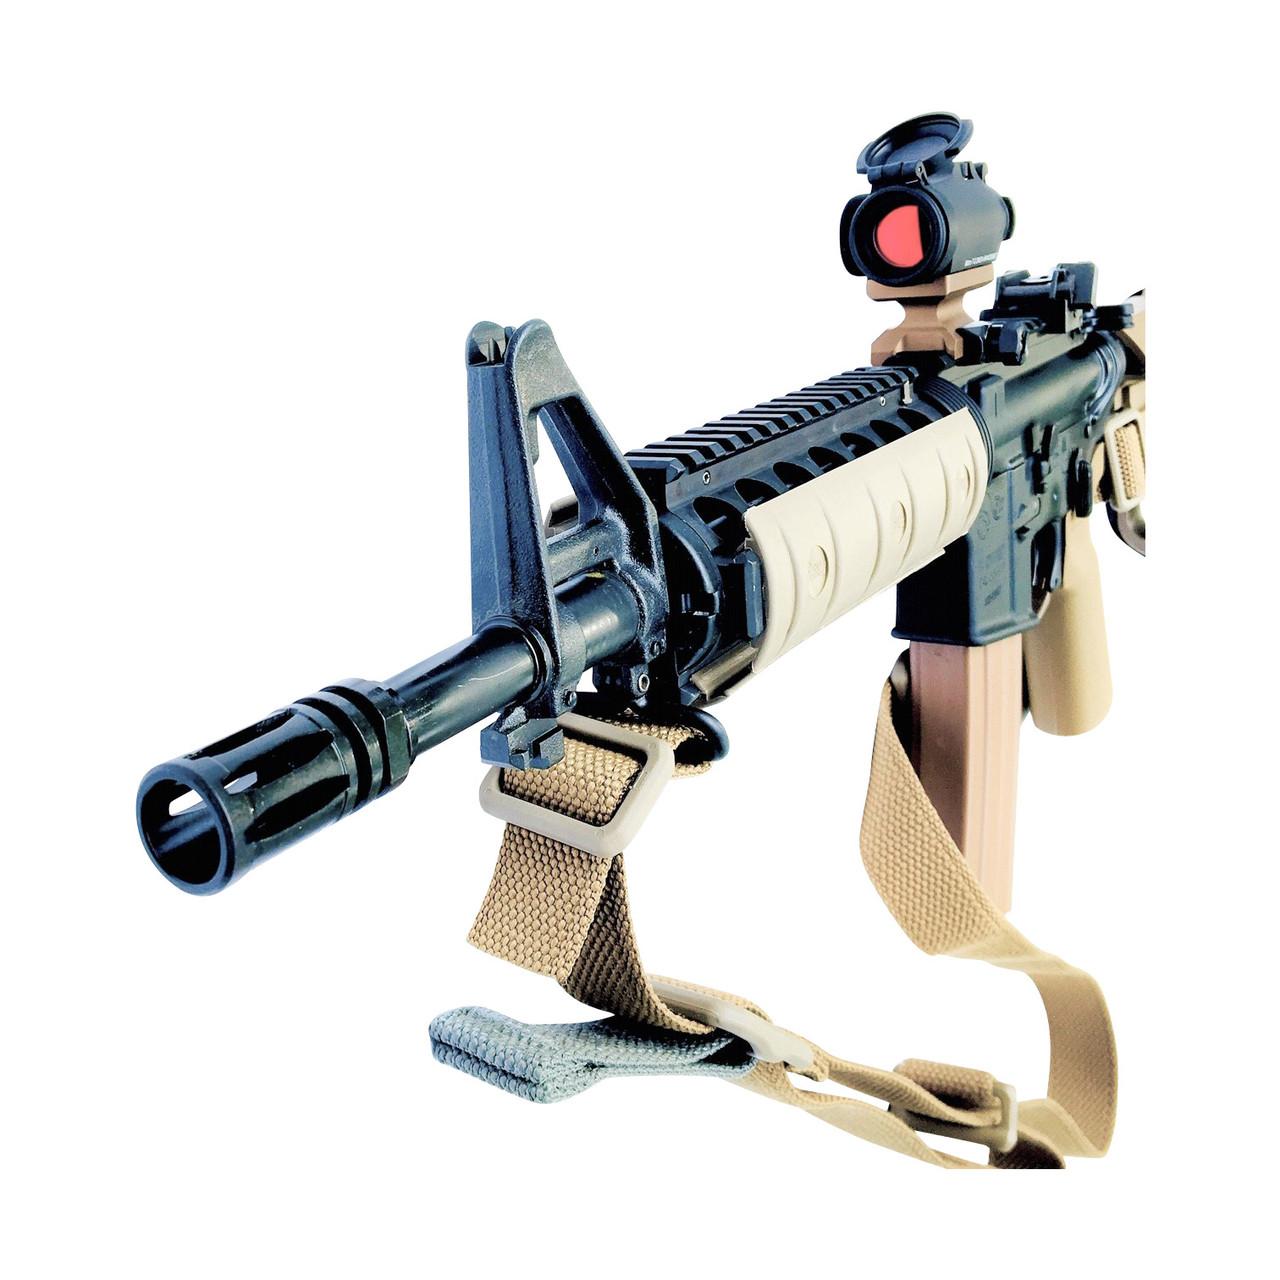 Colt M4 Commando Pistol Kit - Complete